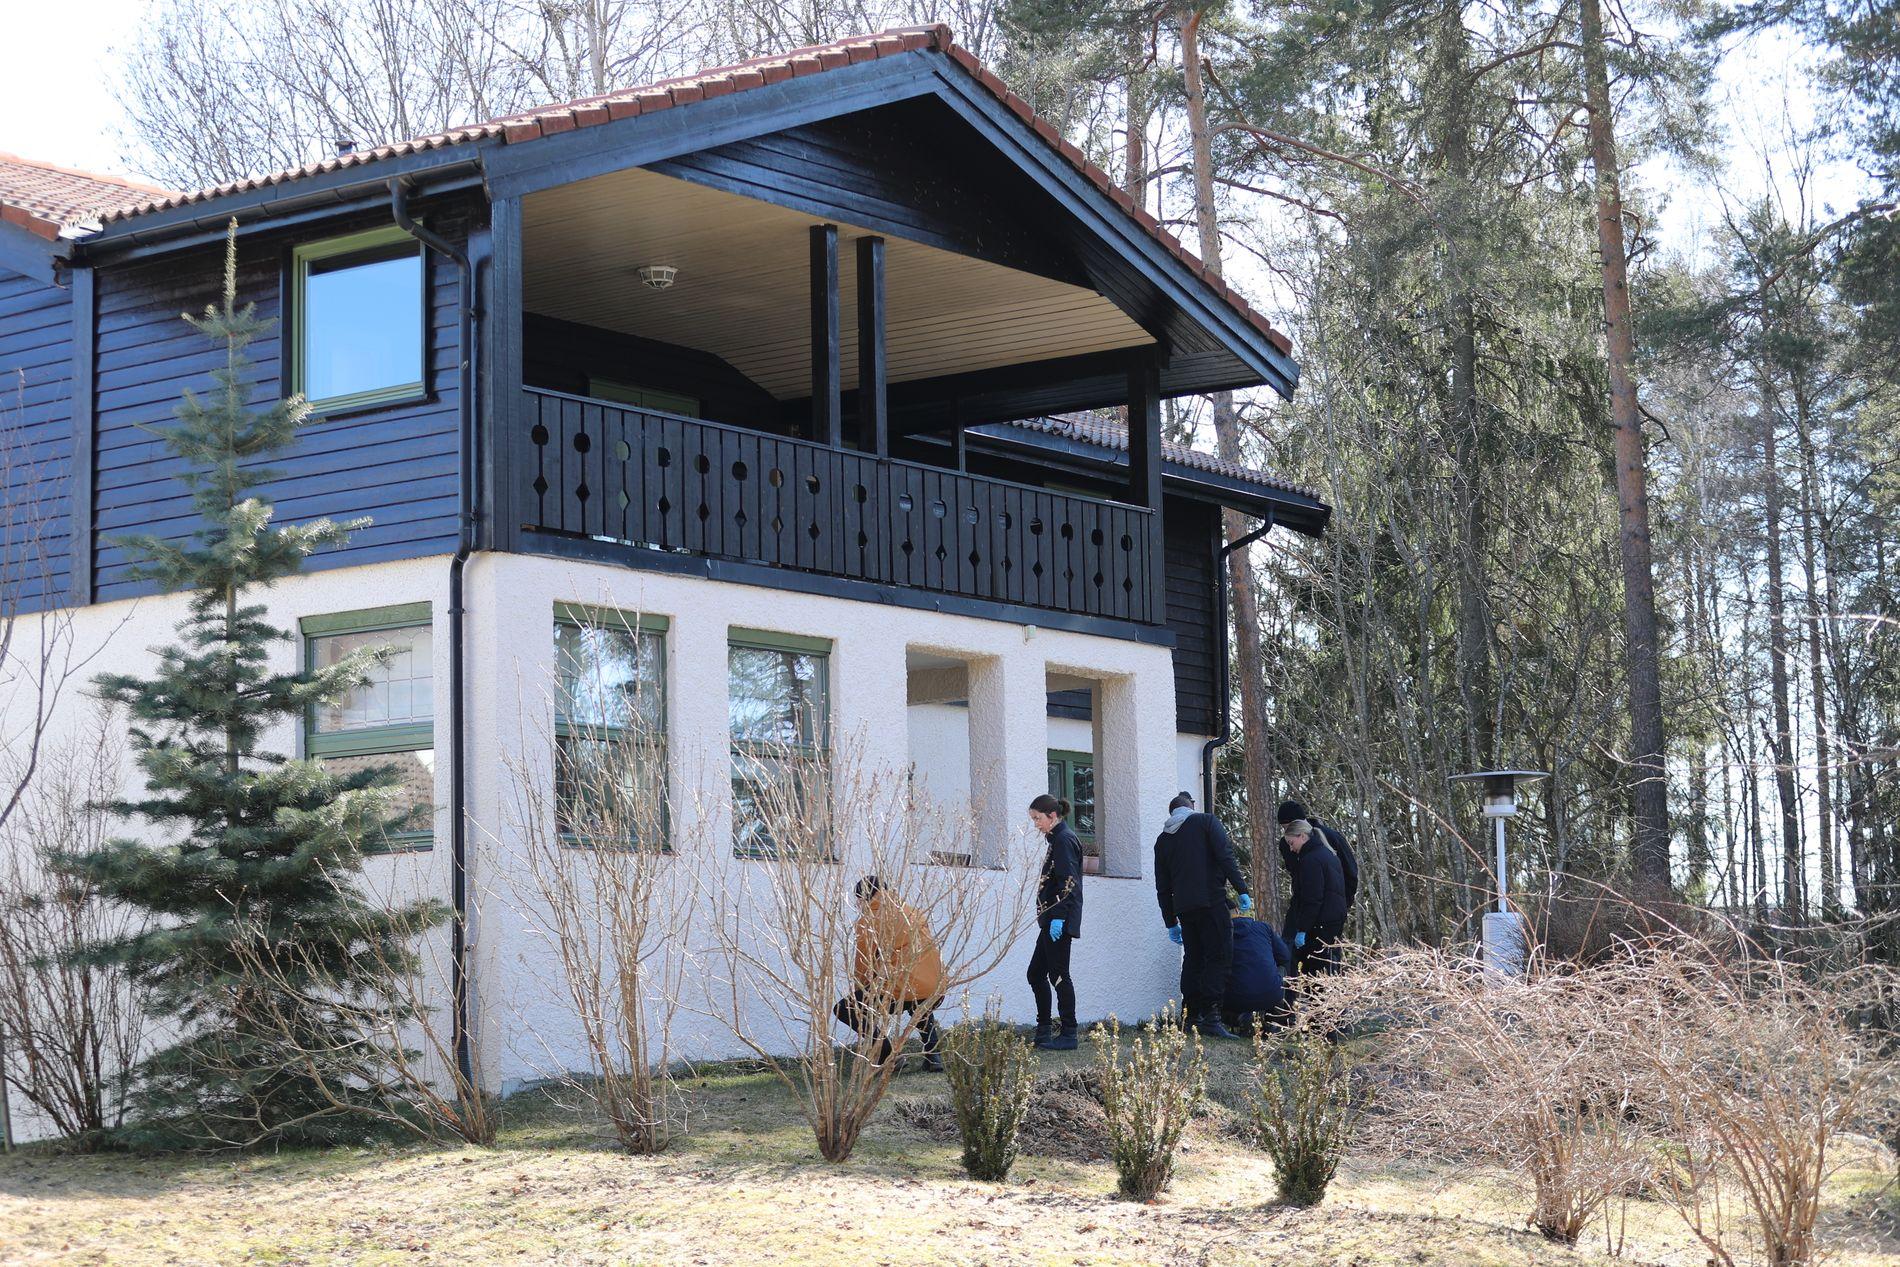 UNDERSØKELSER: Så sent som i april ble det gjort omfattende undersøkelser utenfor huset til Hagen-ekteparet.